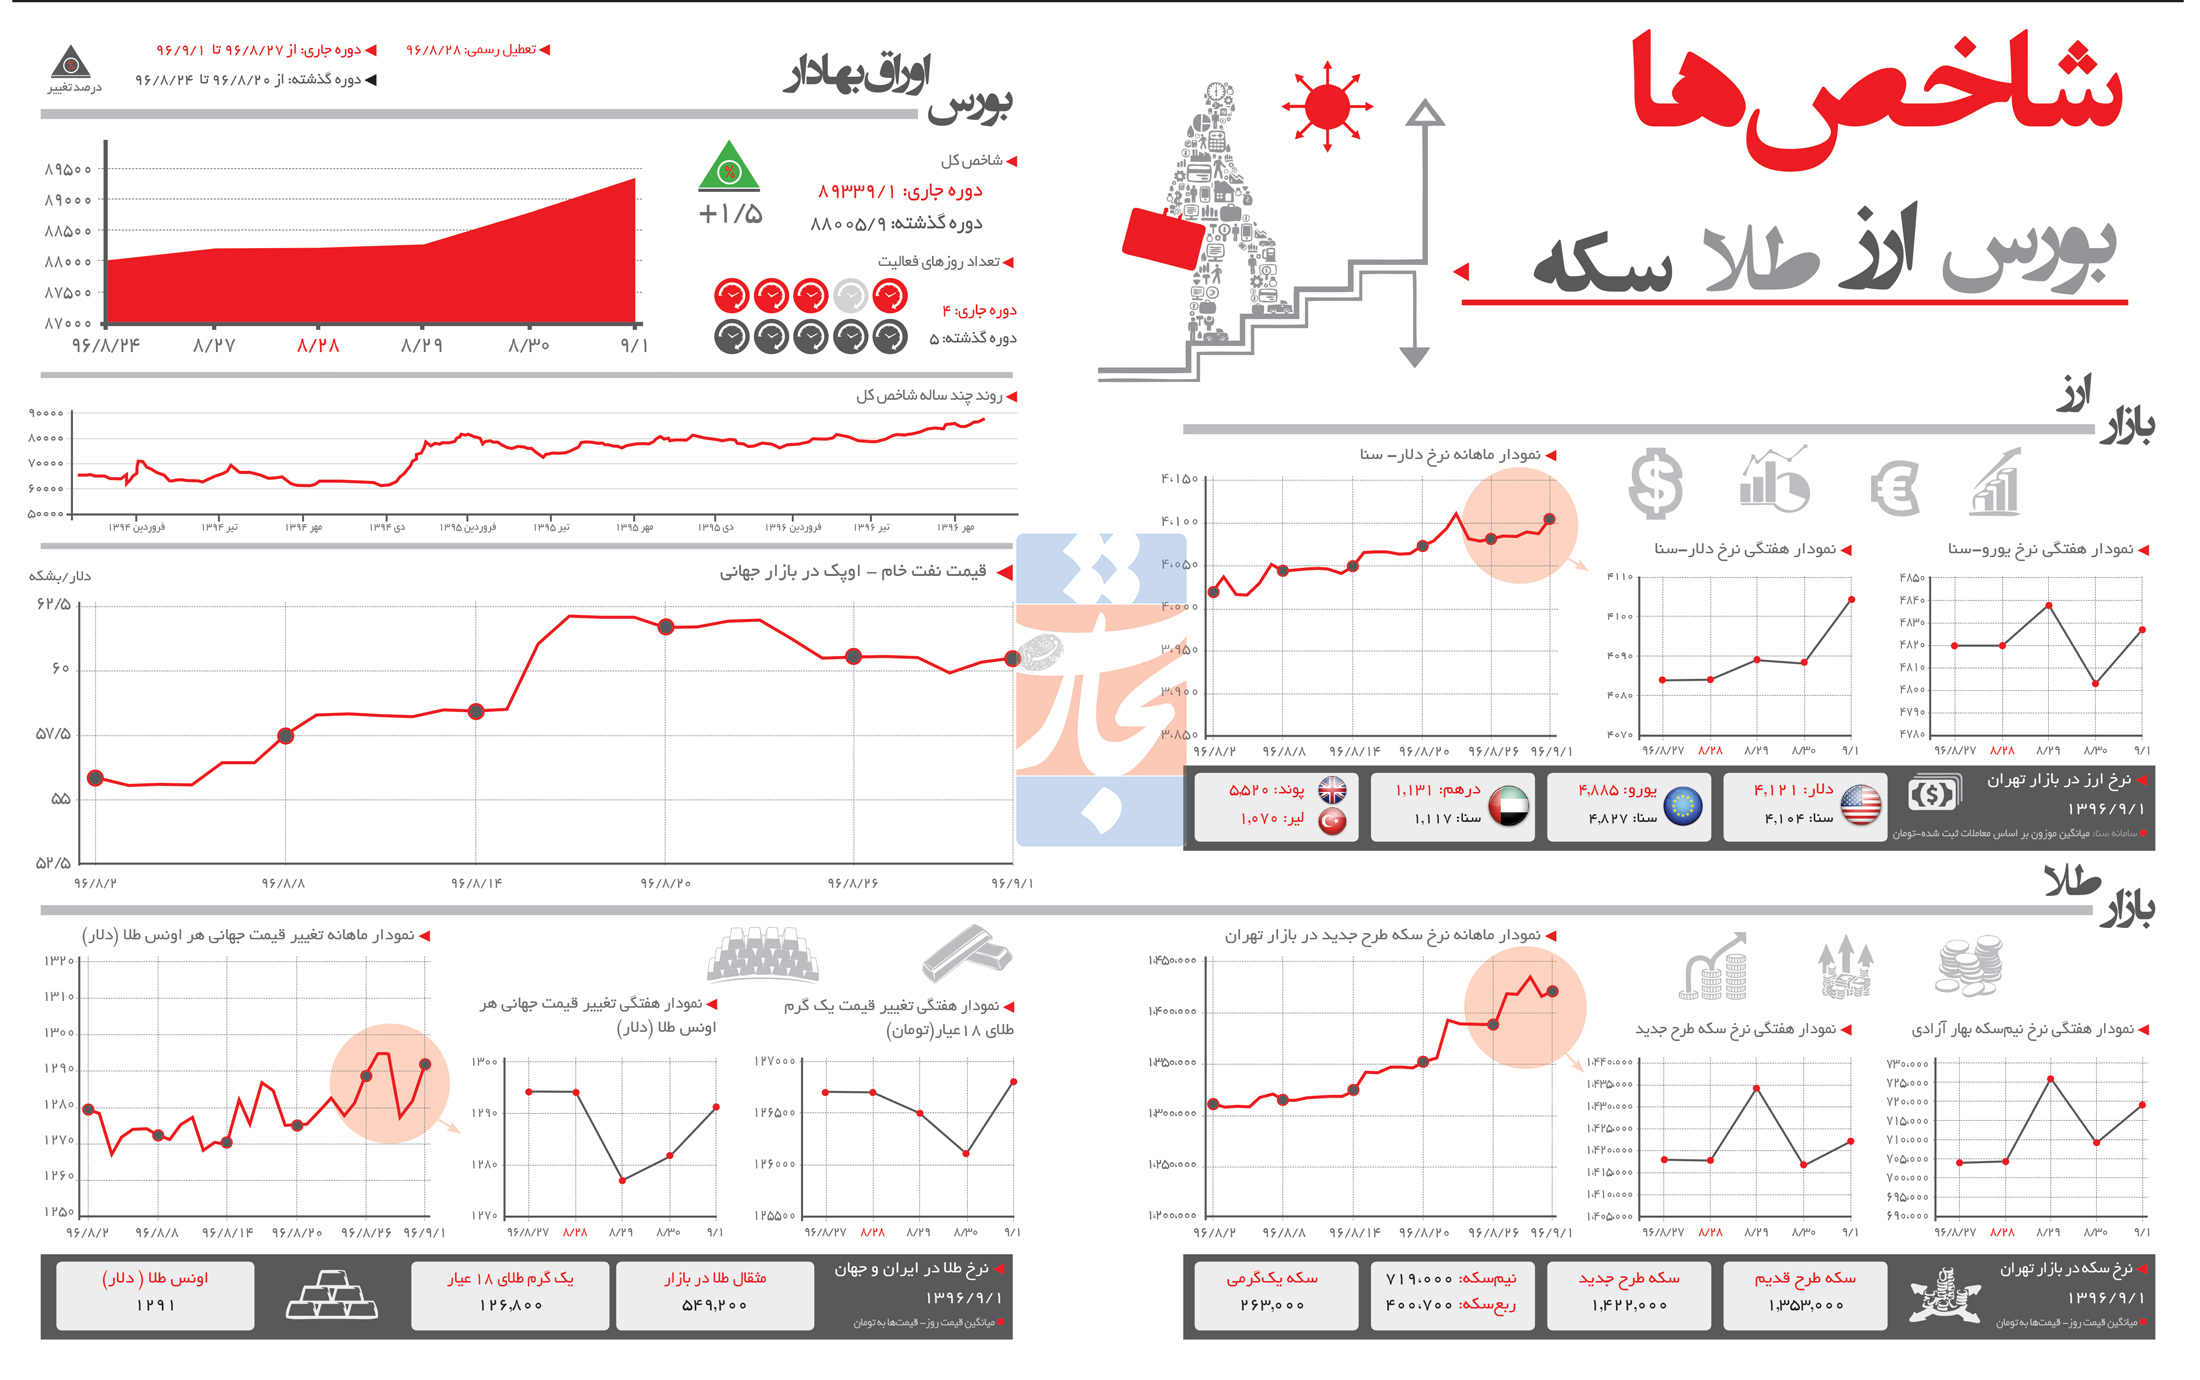 تجارت فردا- اینفوگرافیک- شاخصهای اقتصادی